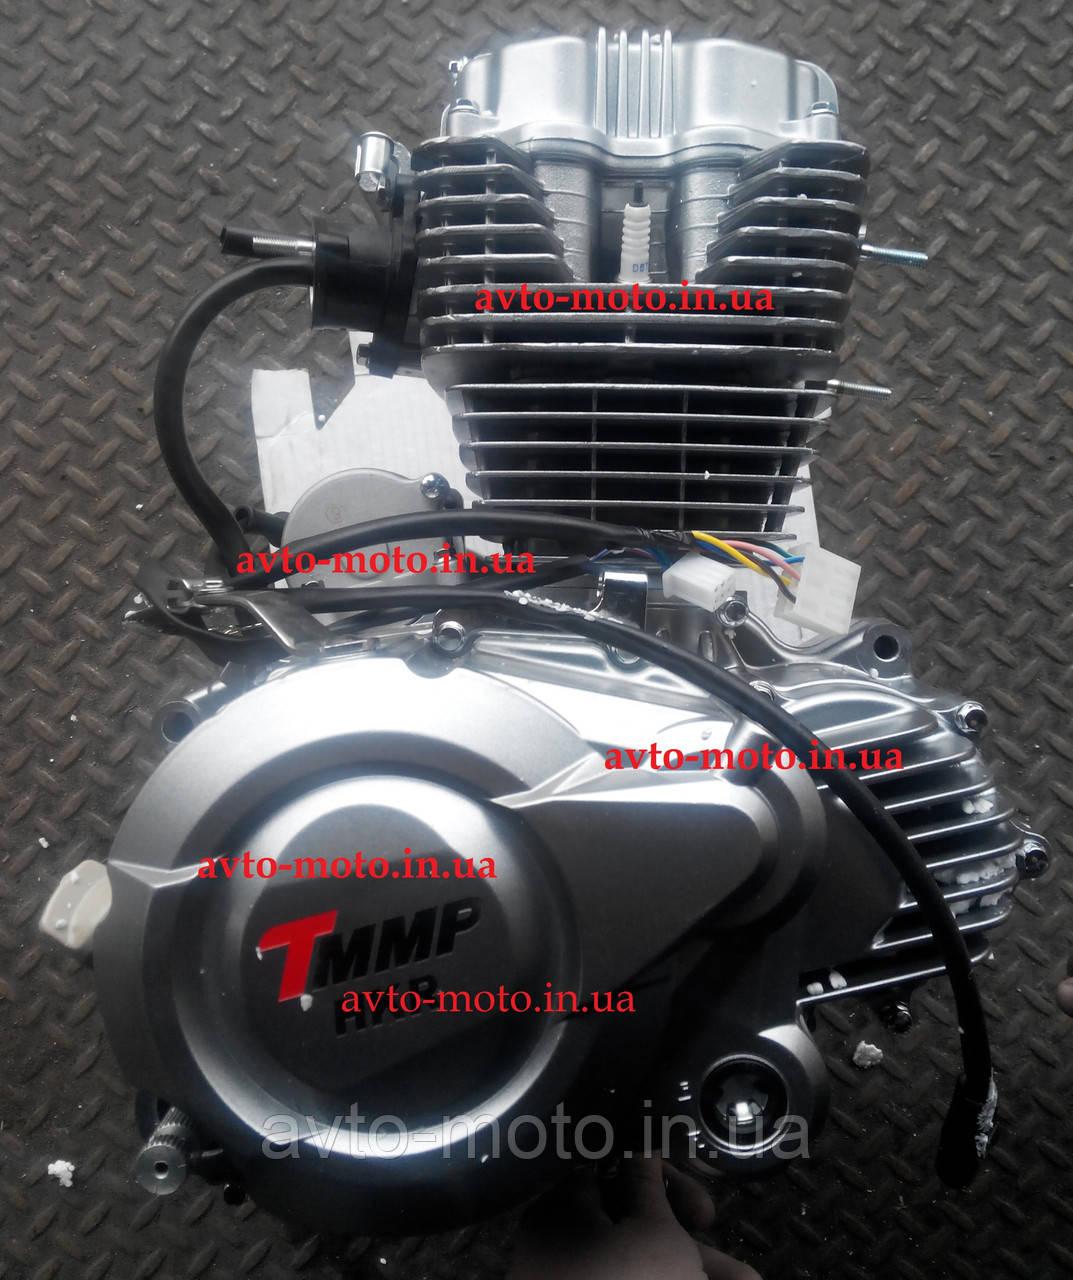 Двигатель мотоцикл CG-200 см3 (БАЛАНС ВАЛ)